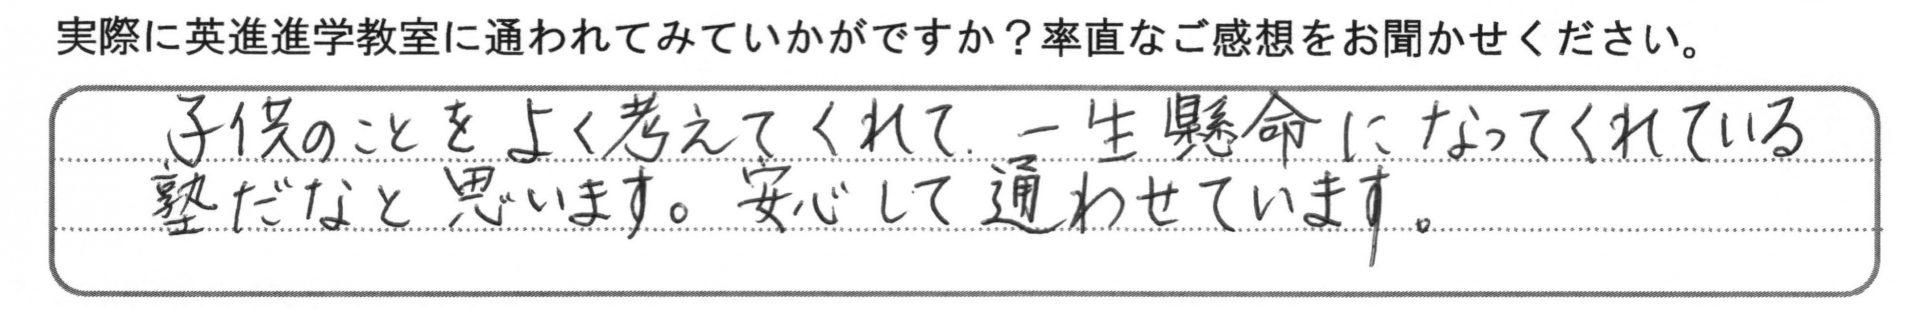 太田市の中で比較しておすすめしていただける塾の保護者コメント